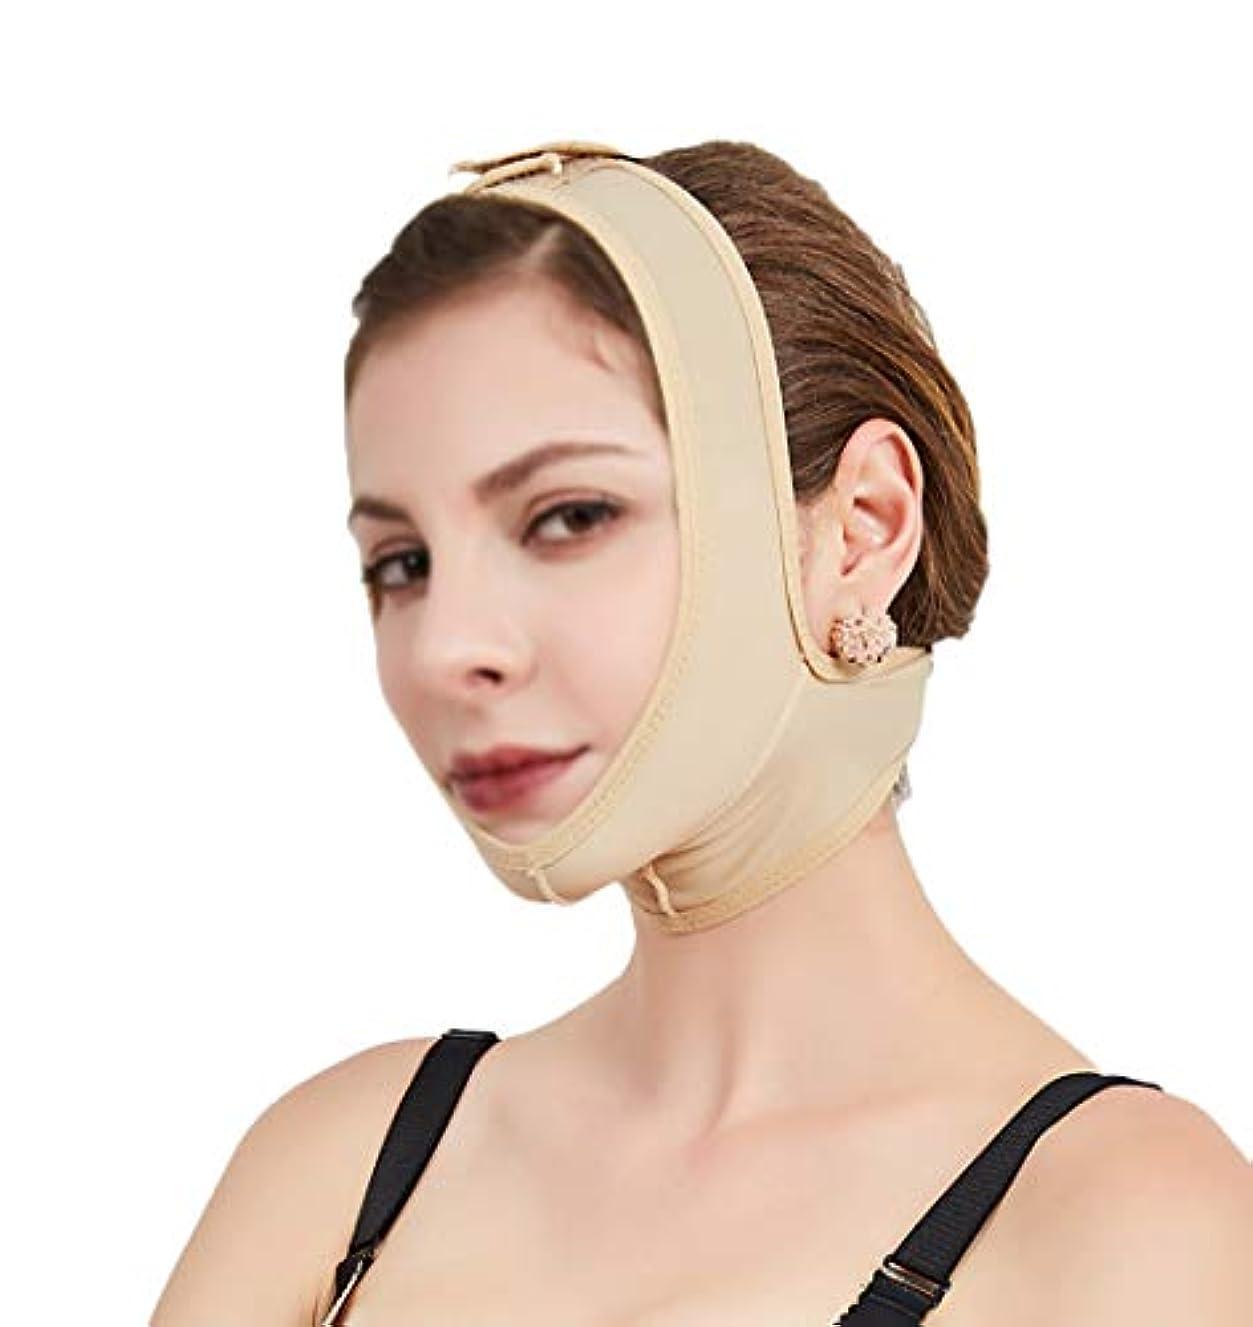 生理行列マーティンルーサーキングジュニアフェイスアンドネックリフトポストエラスティックスリーブ下顎骨セットフェイスアーティファクトVフェイスフェイシャルフェイスバンドルダブルチンマスク (Size : XXL)